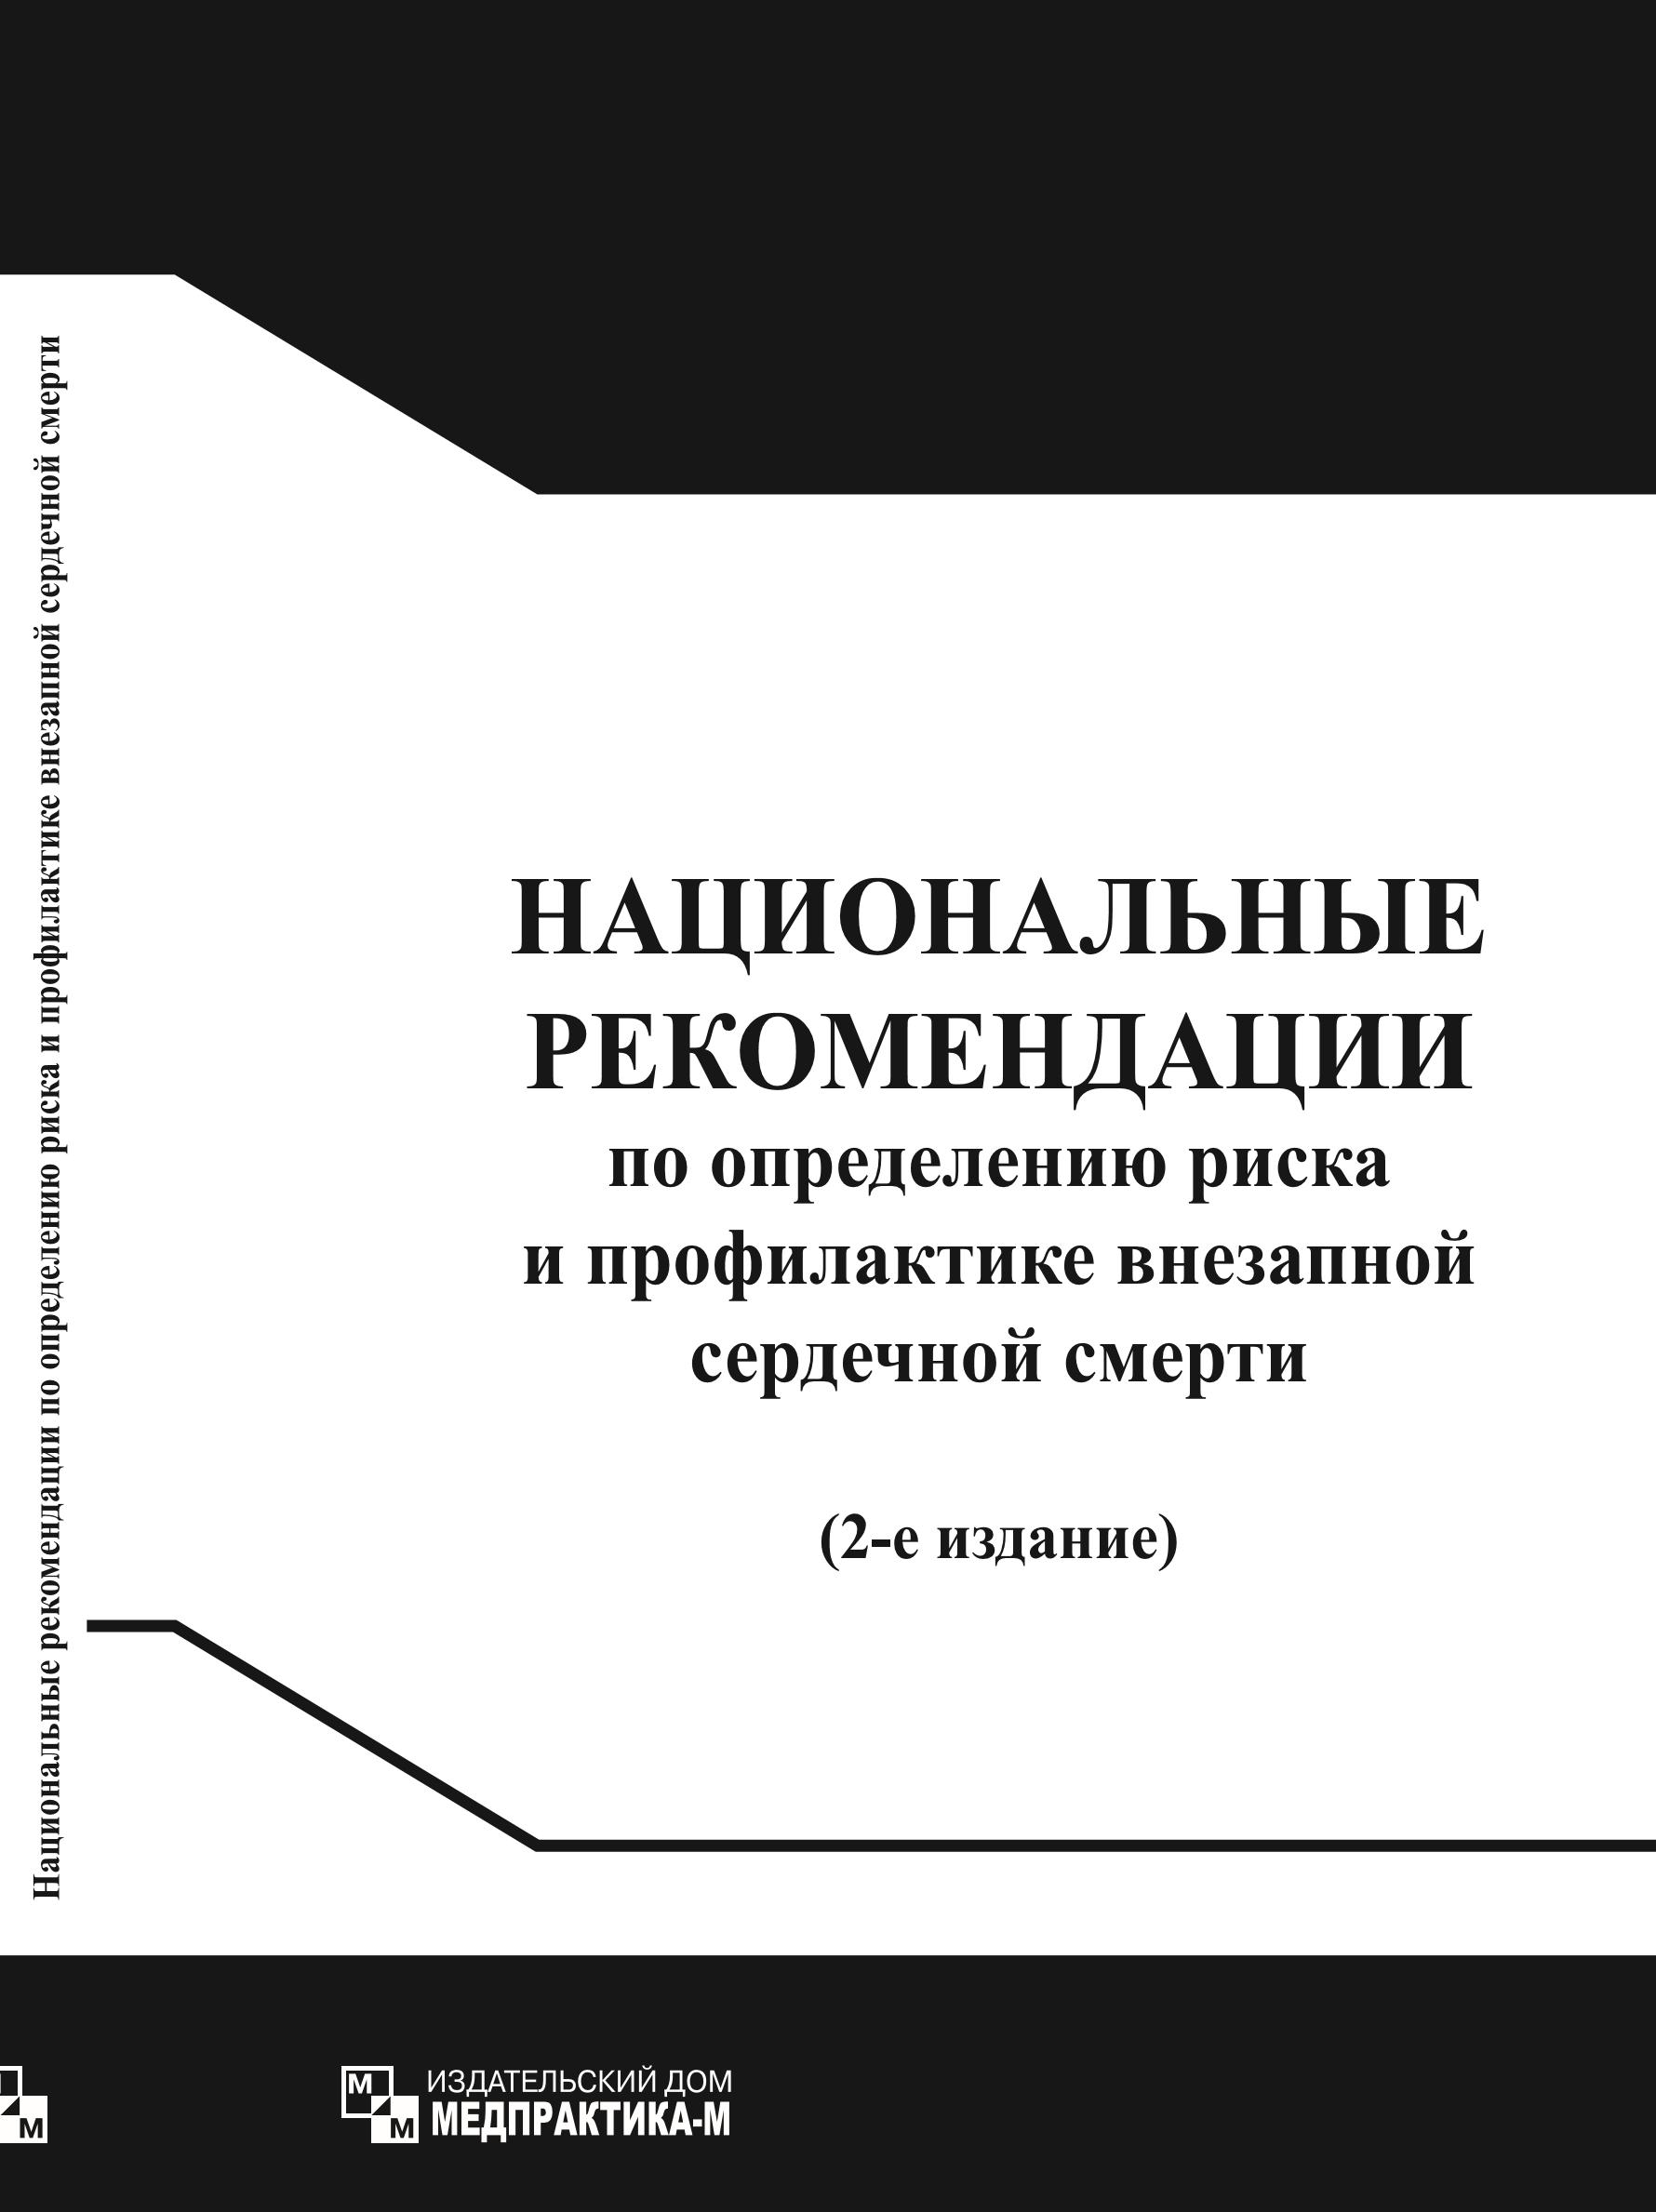 Cover_full_rus